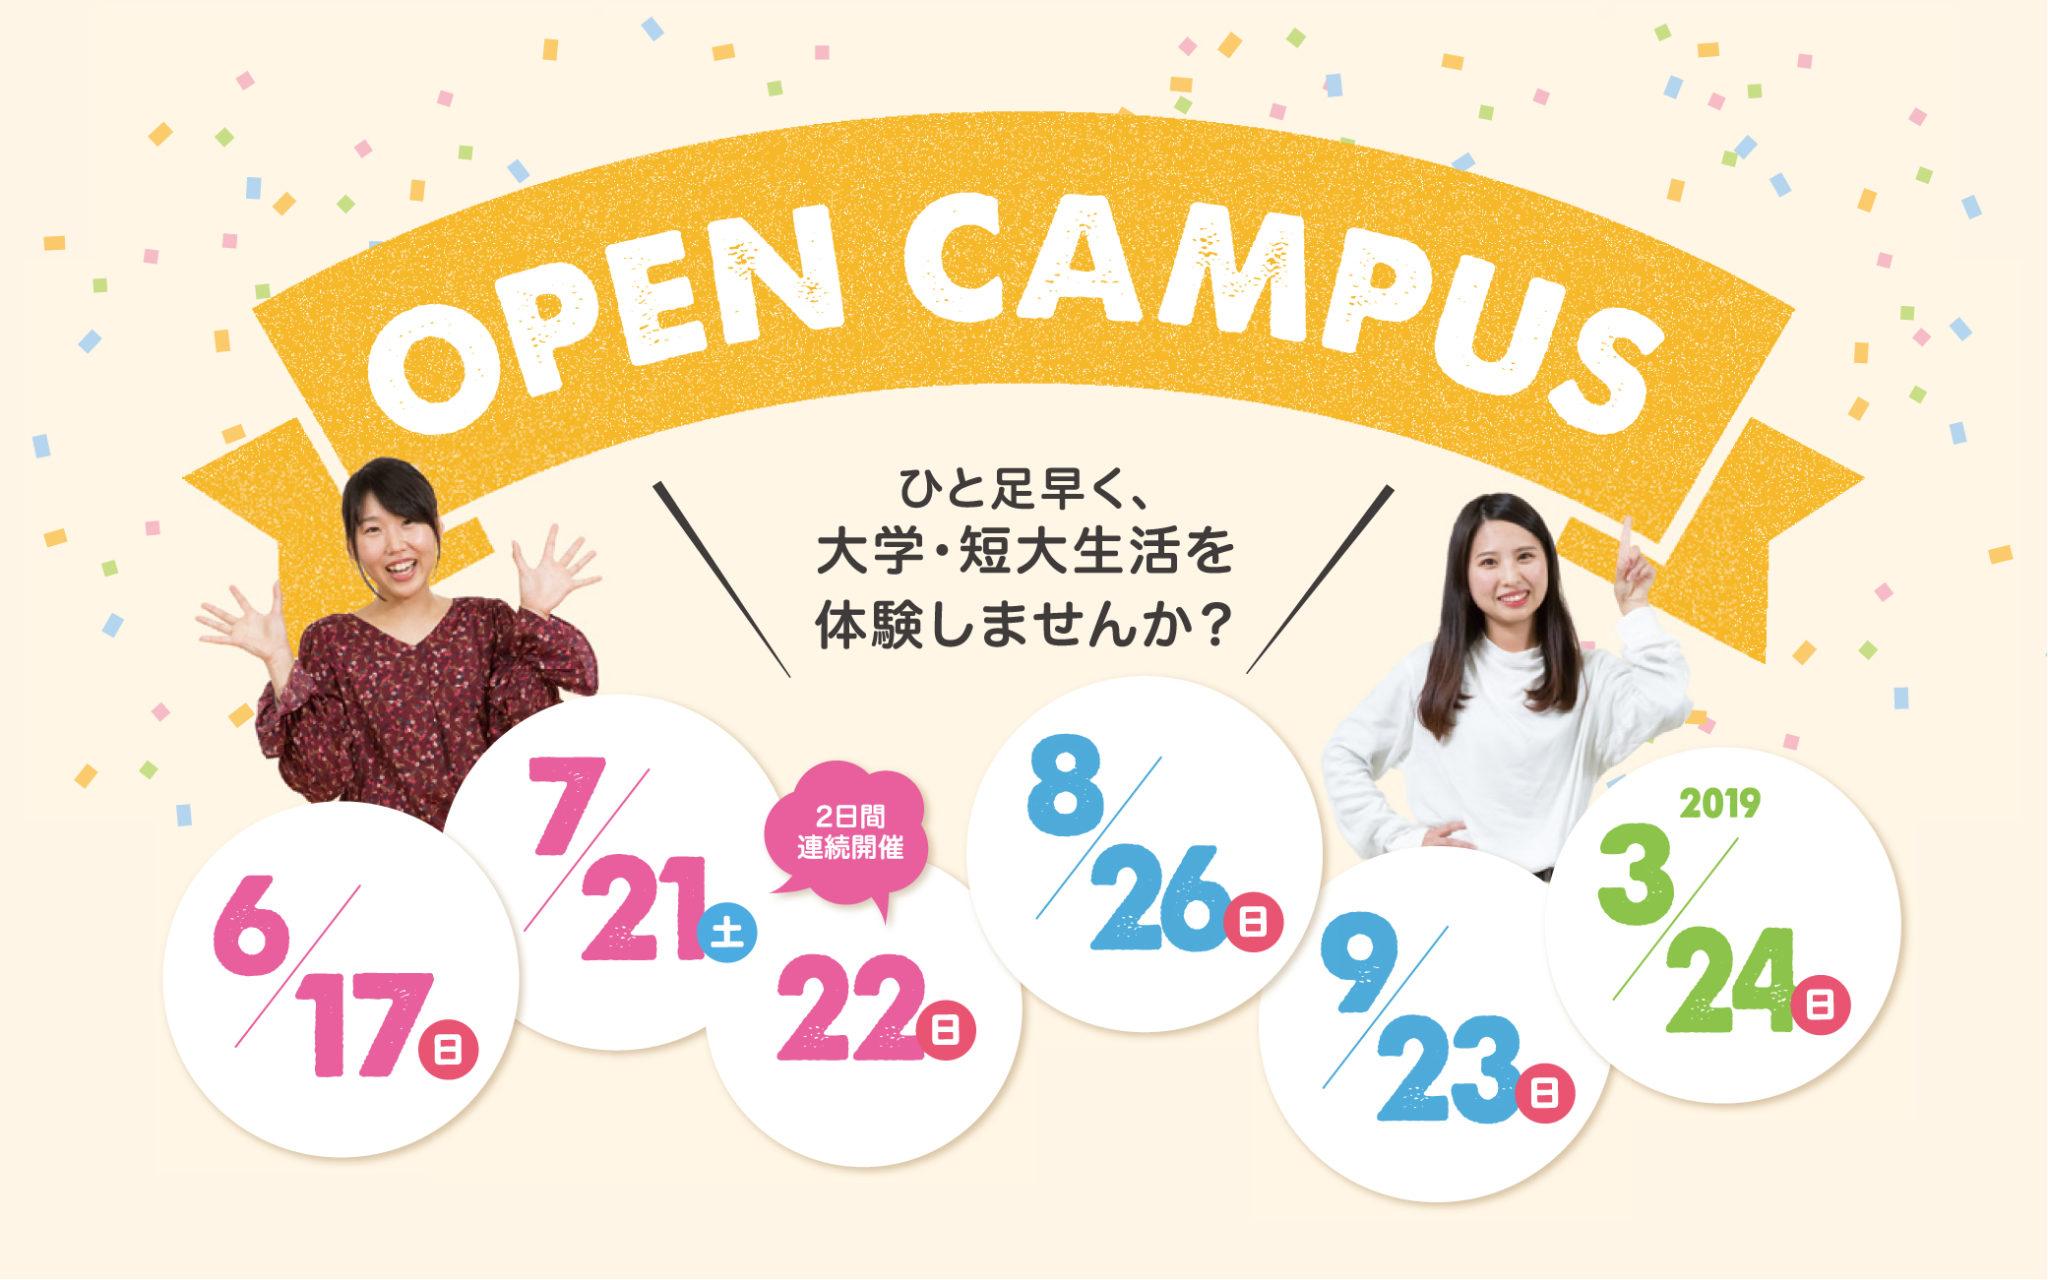 OPEN CAMPUS 2018